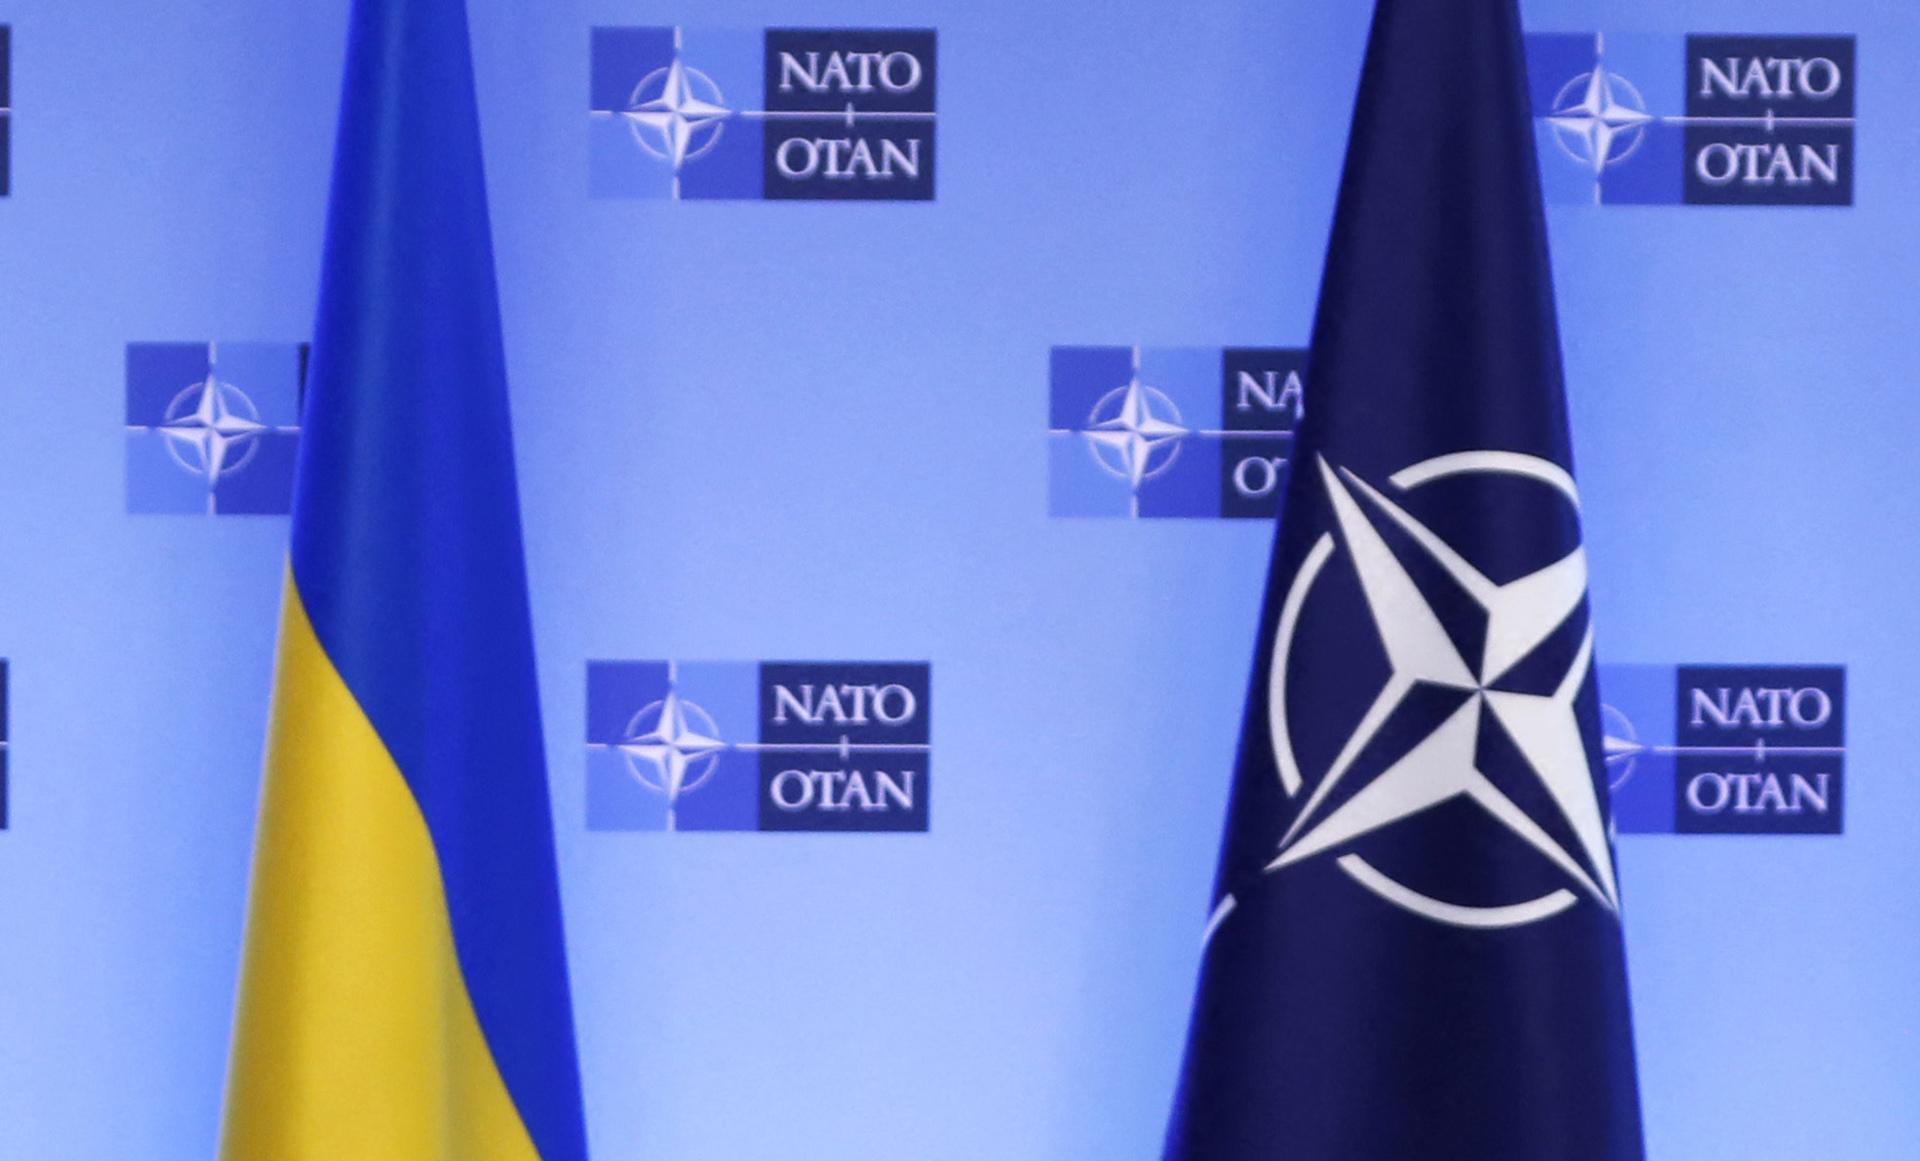 Антироссийский фронт: о чём договорились президенты Украины, Польши и стран Прибалтики